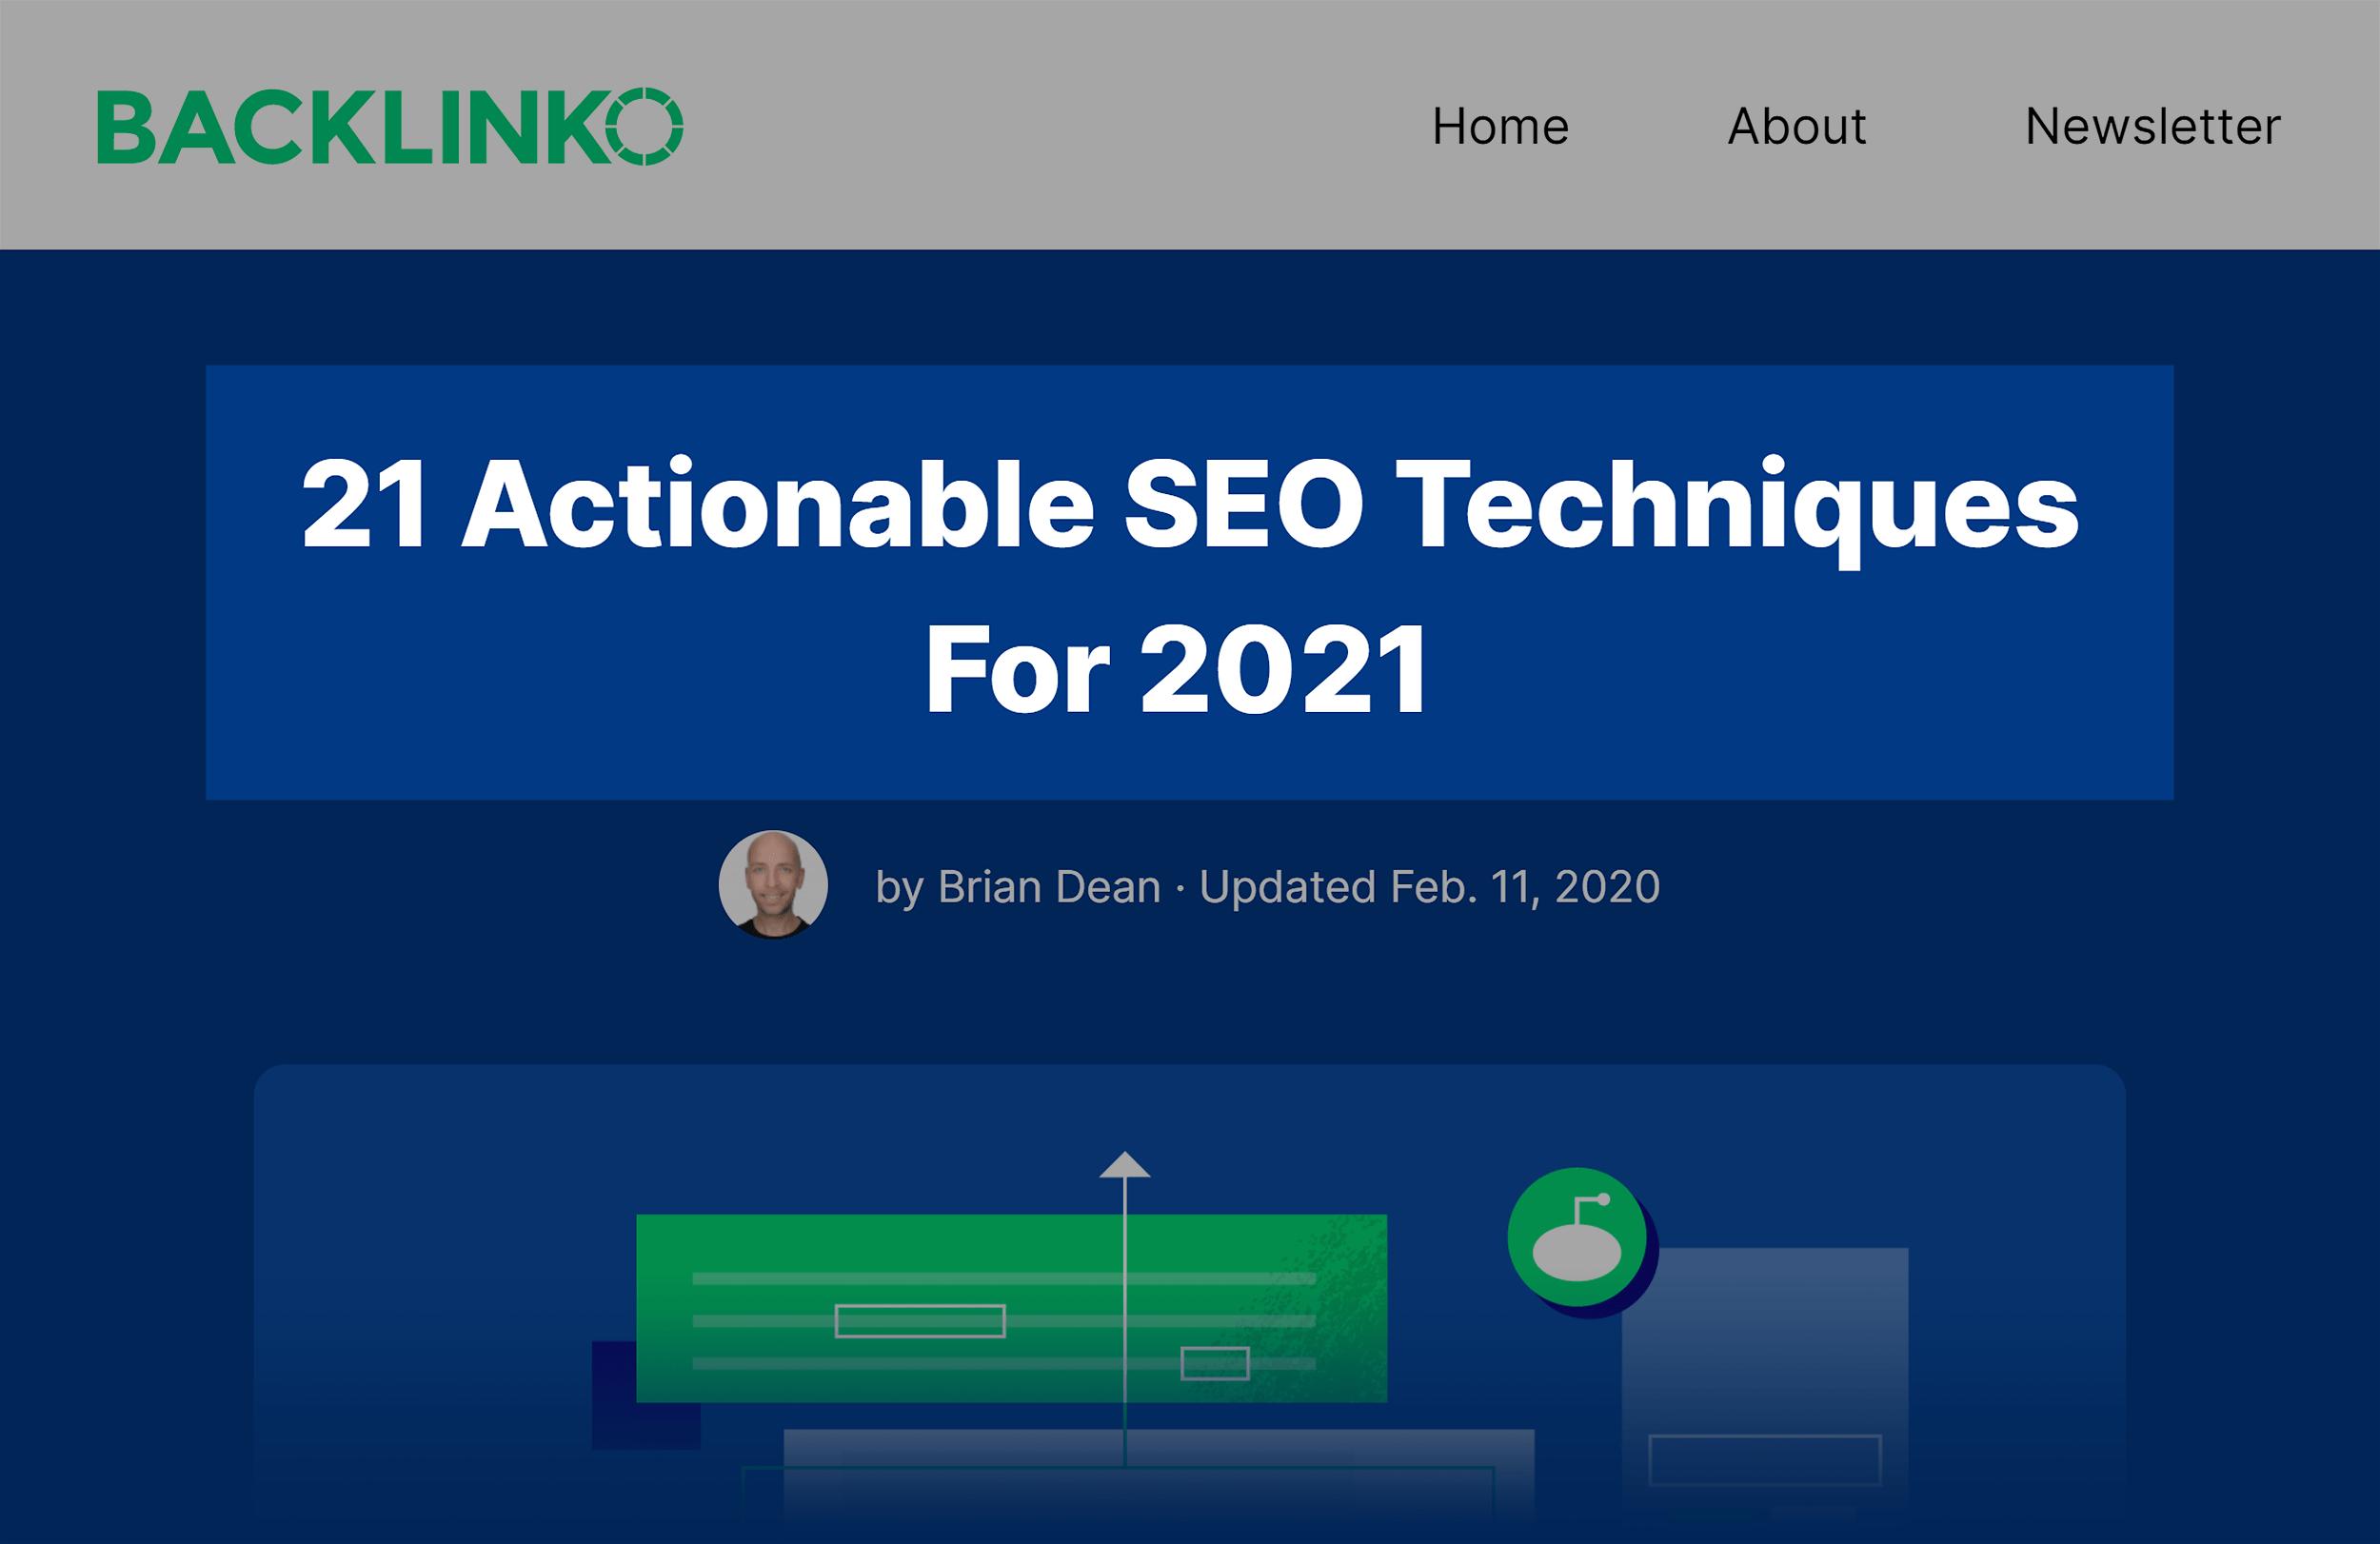 SEO Techniques Post Title